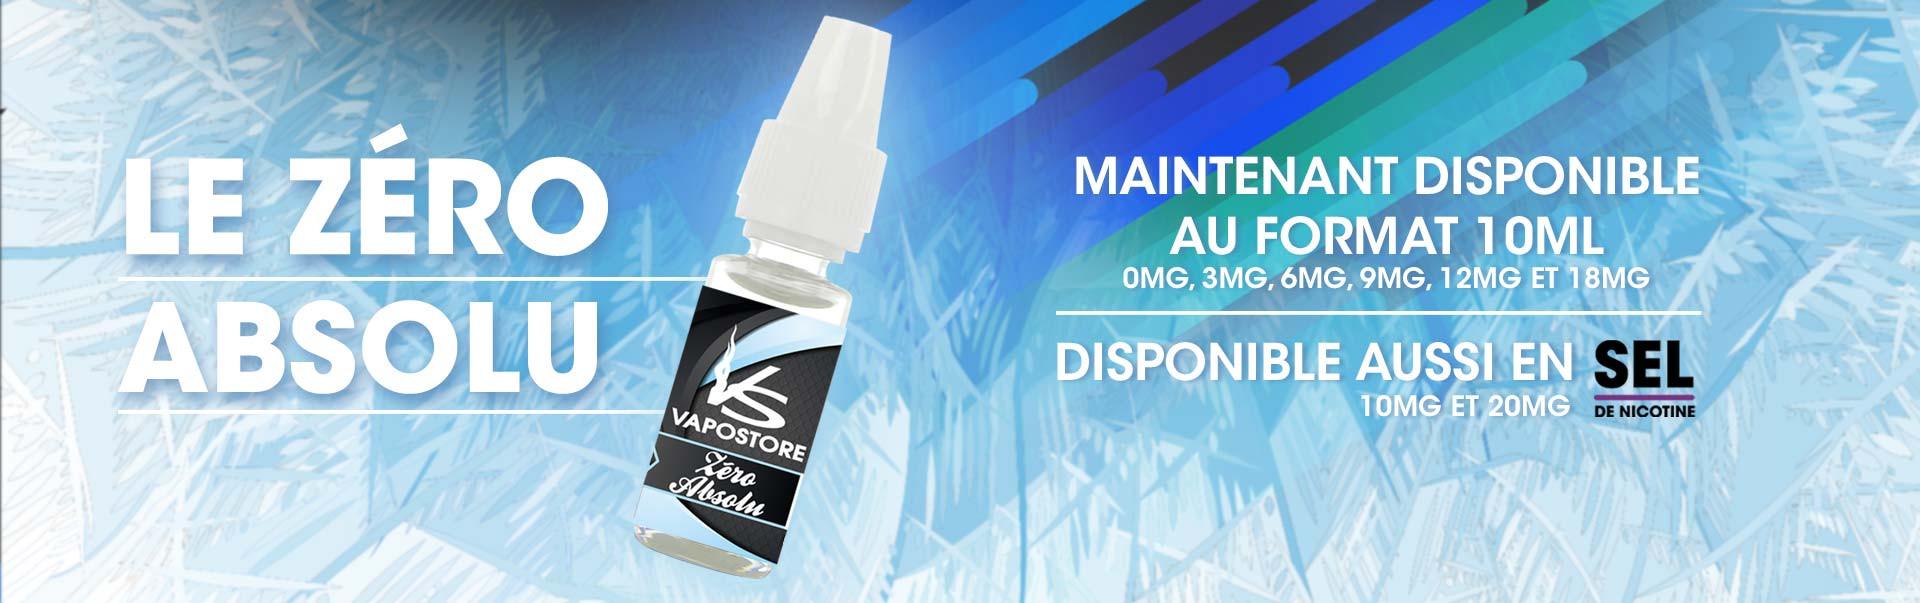 Un must-have pour tous les amateurs de menthol.